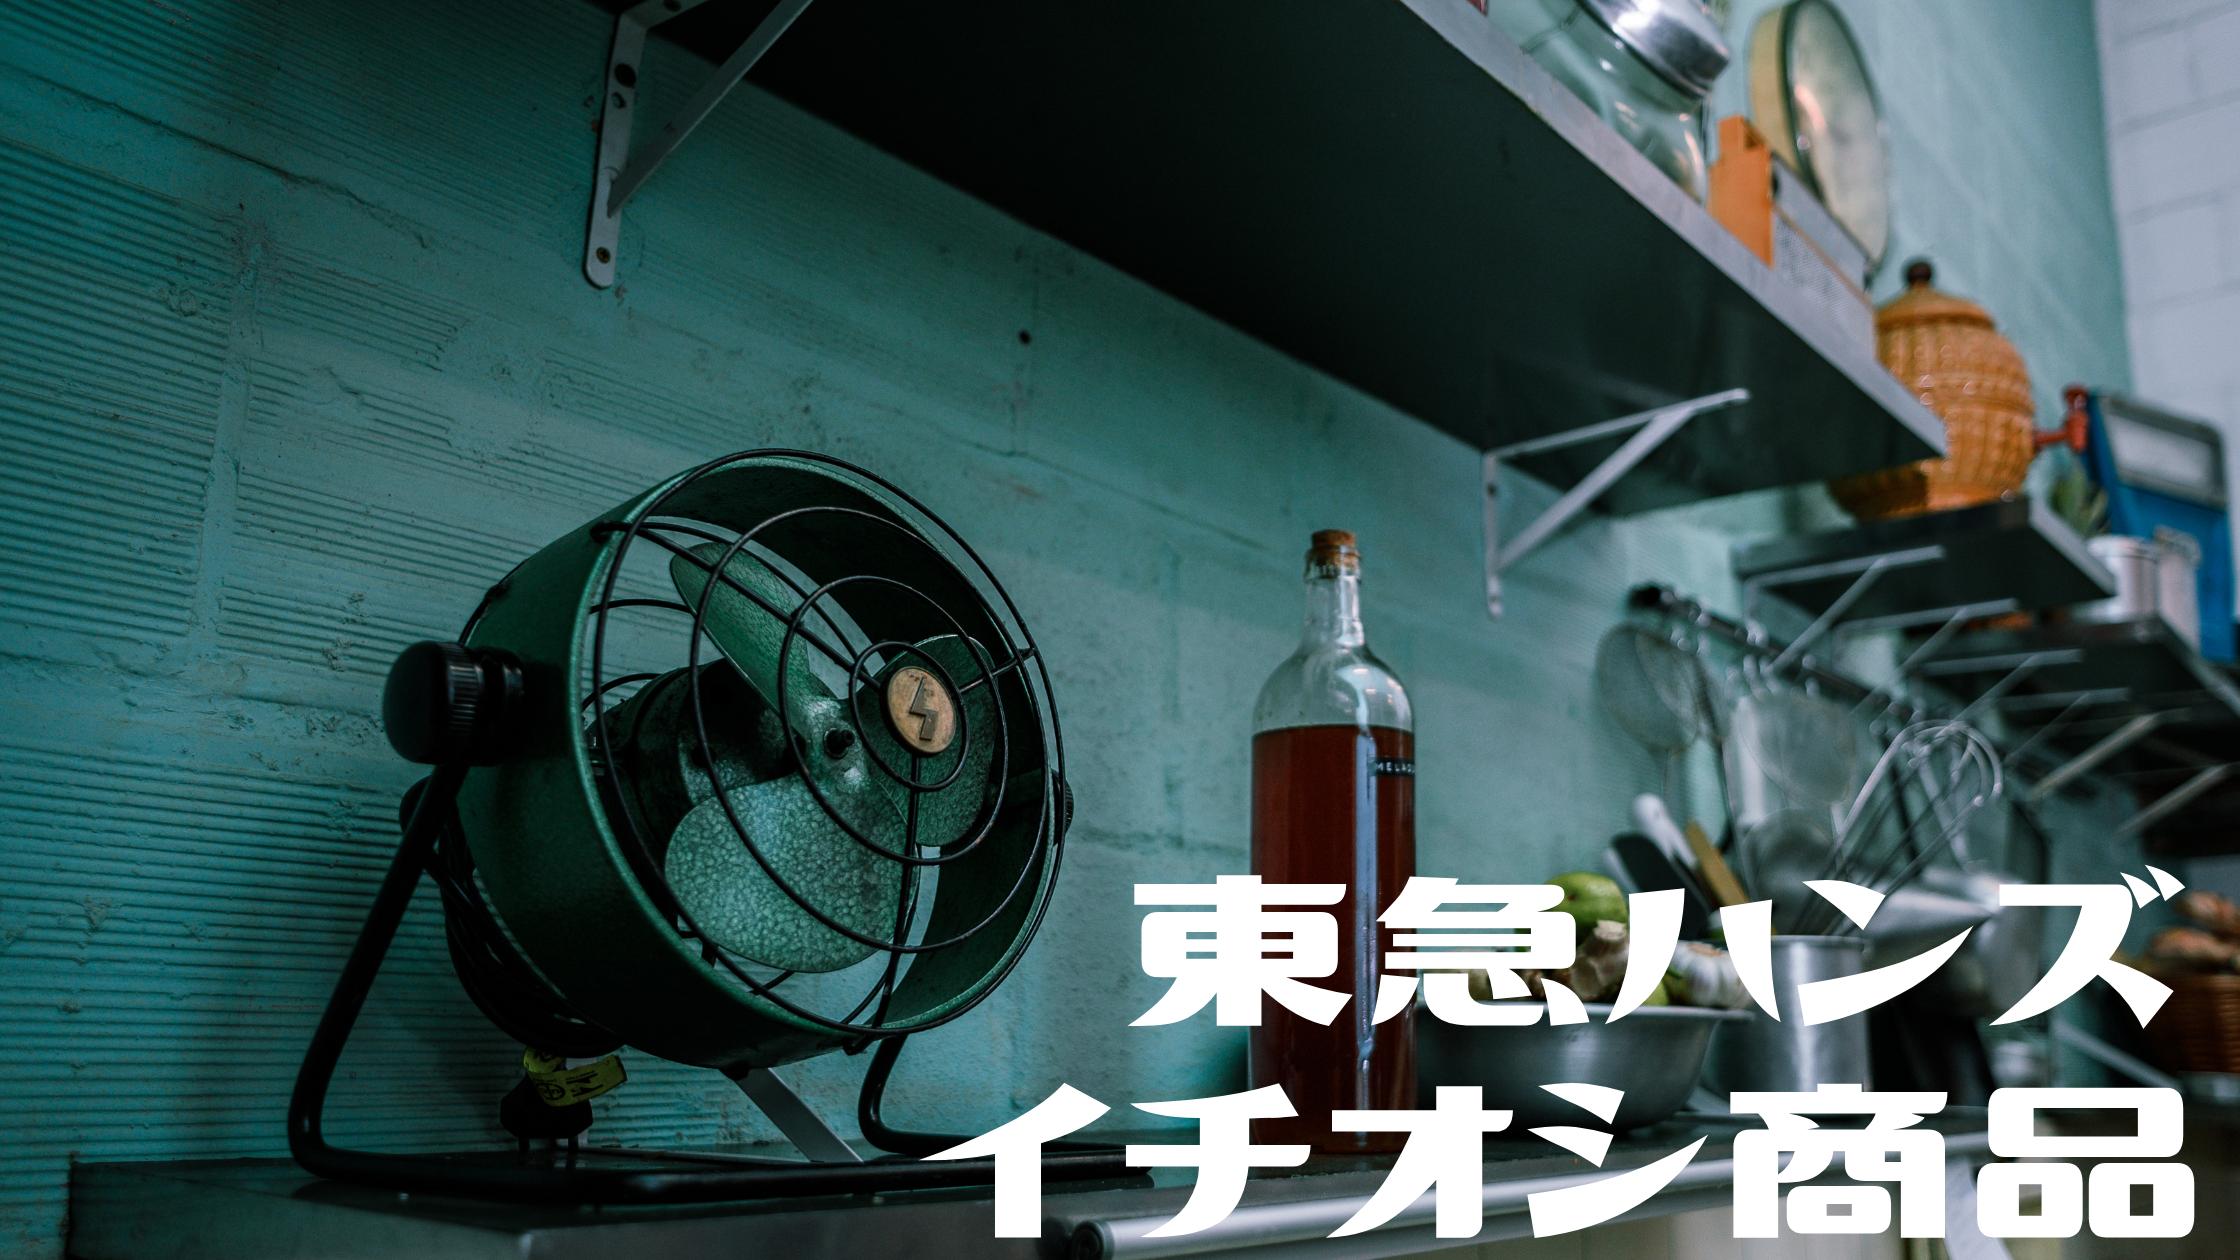 東急ハンズおすすめ【6選】